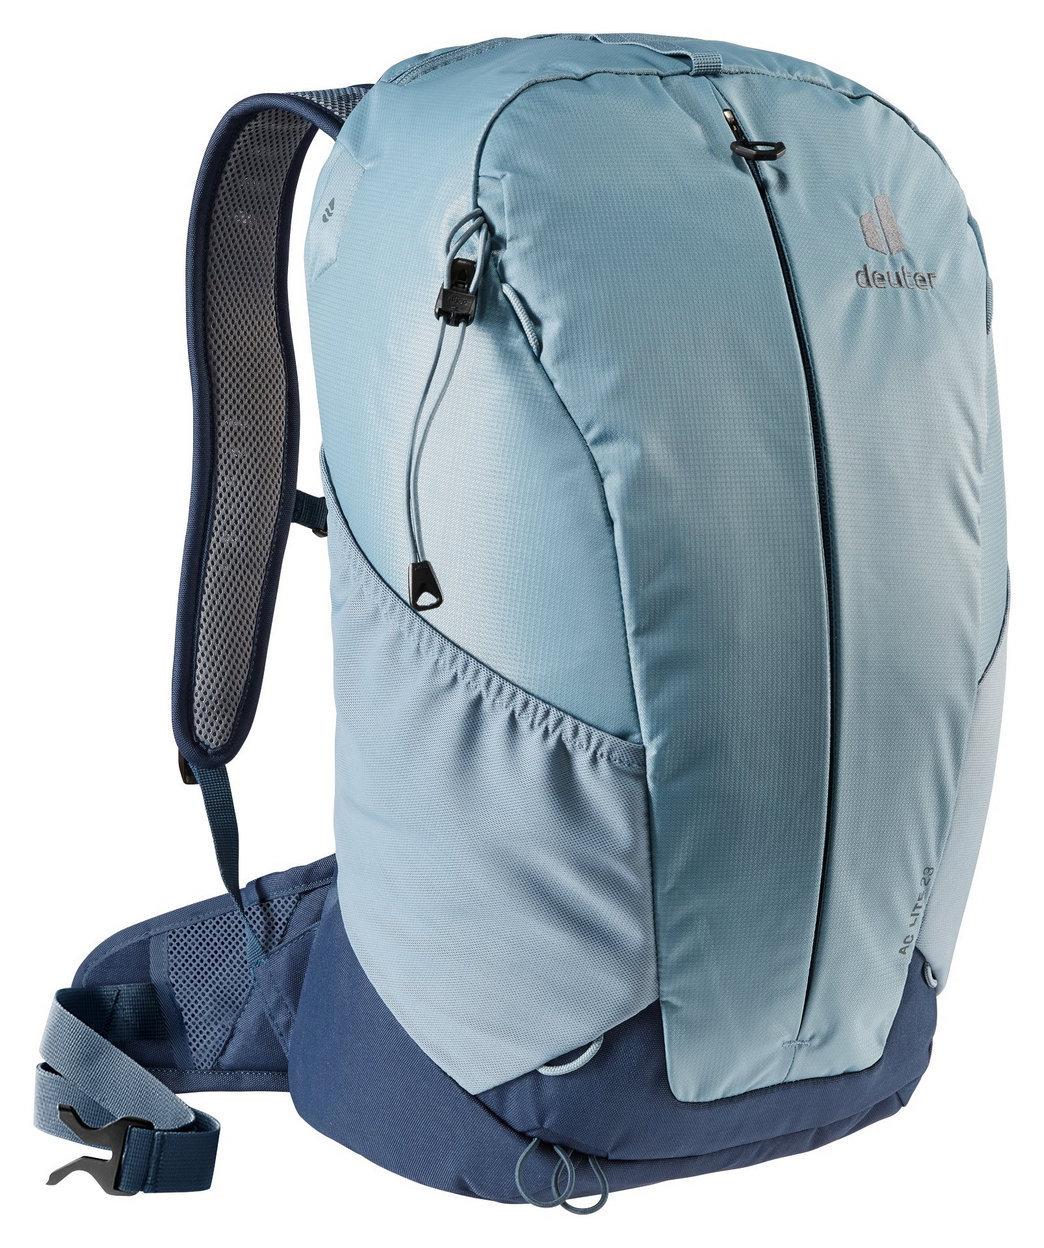 Туристические рюкзаки легкие Рюкзак Deuter AC Lite 23 (2021) 3420321-1337-AC_Lite_23-d00.jpg